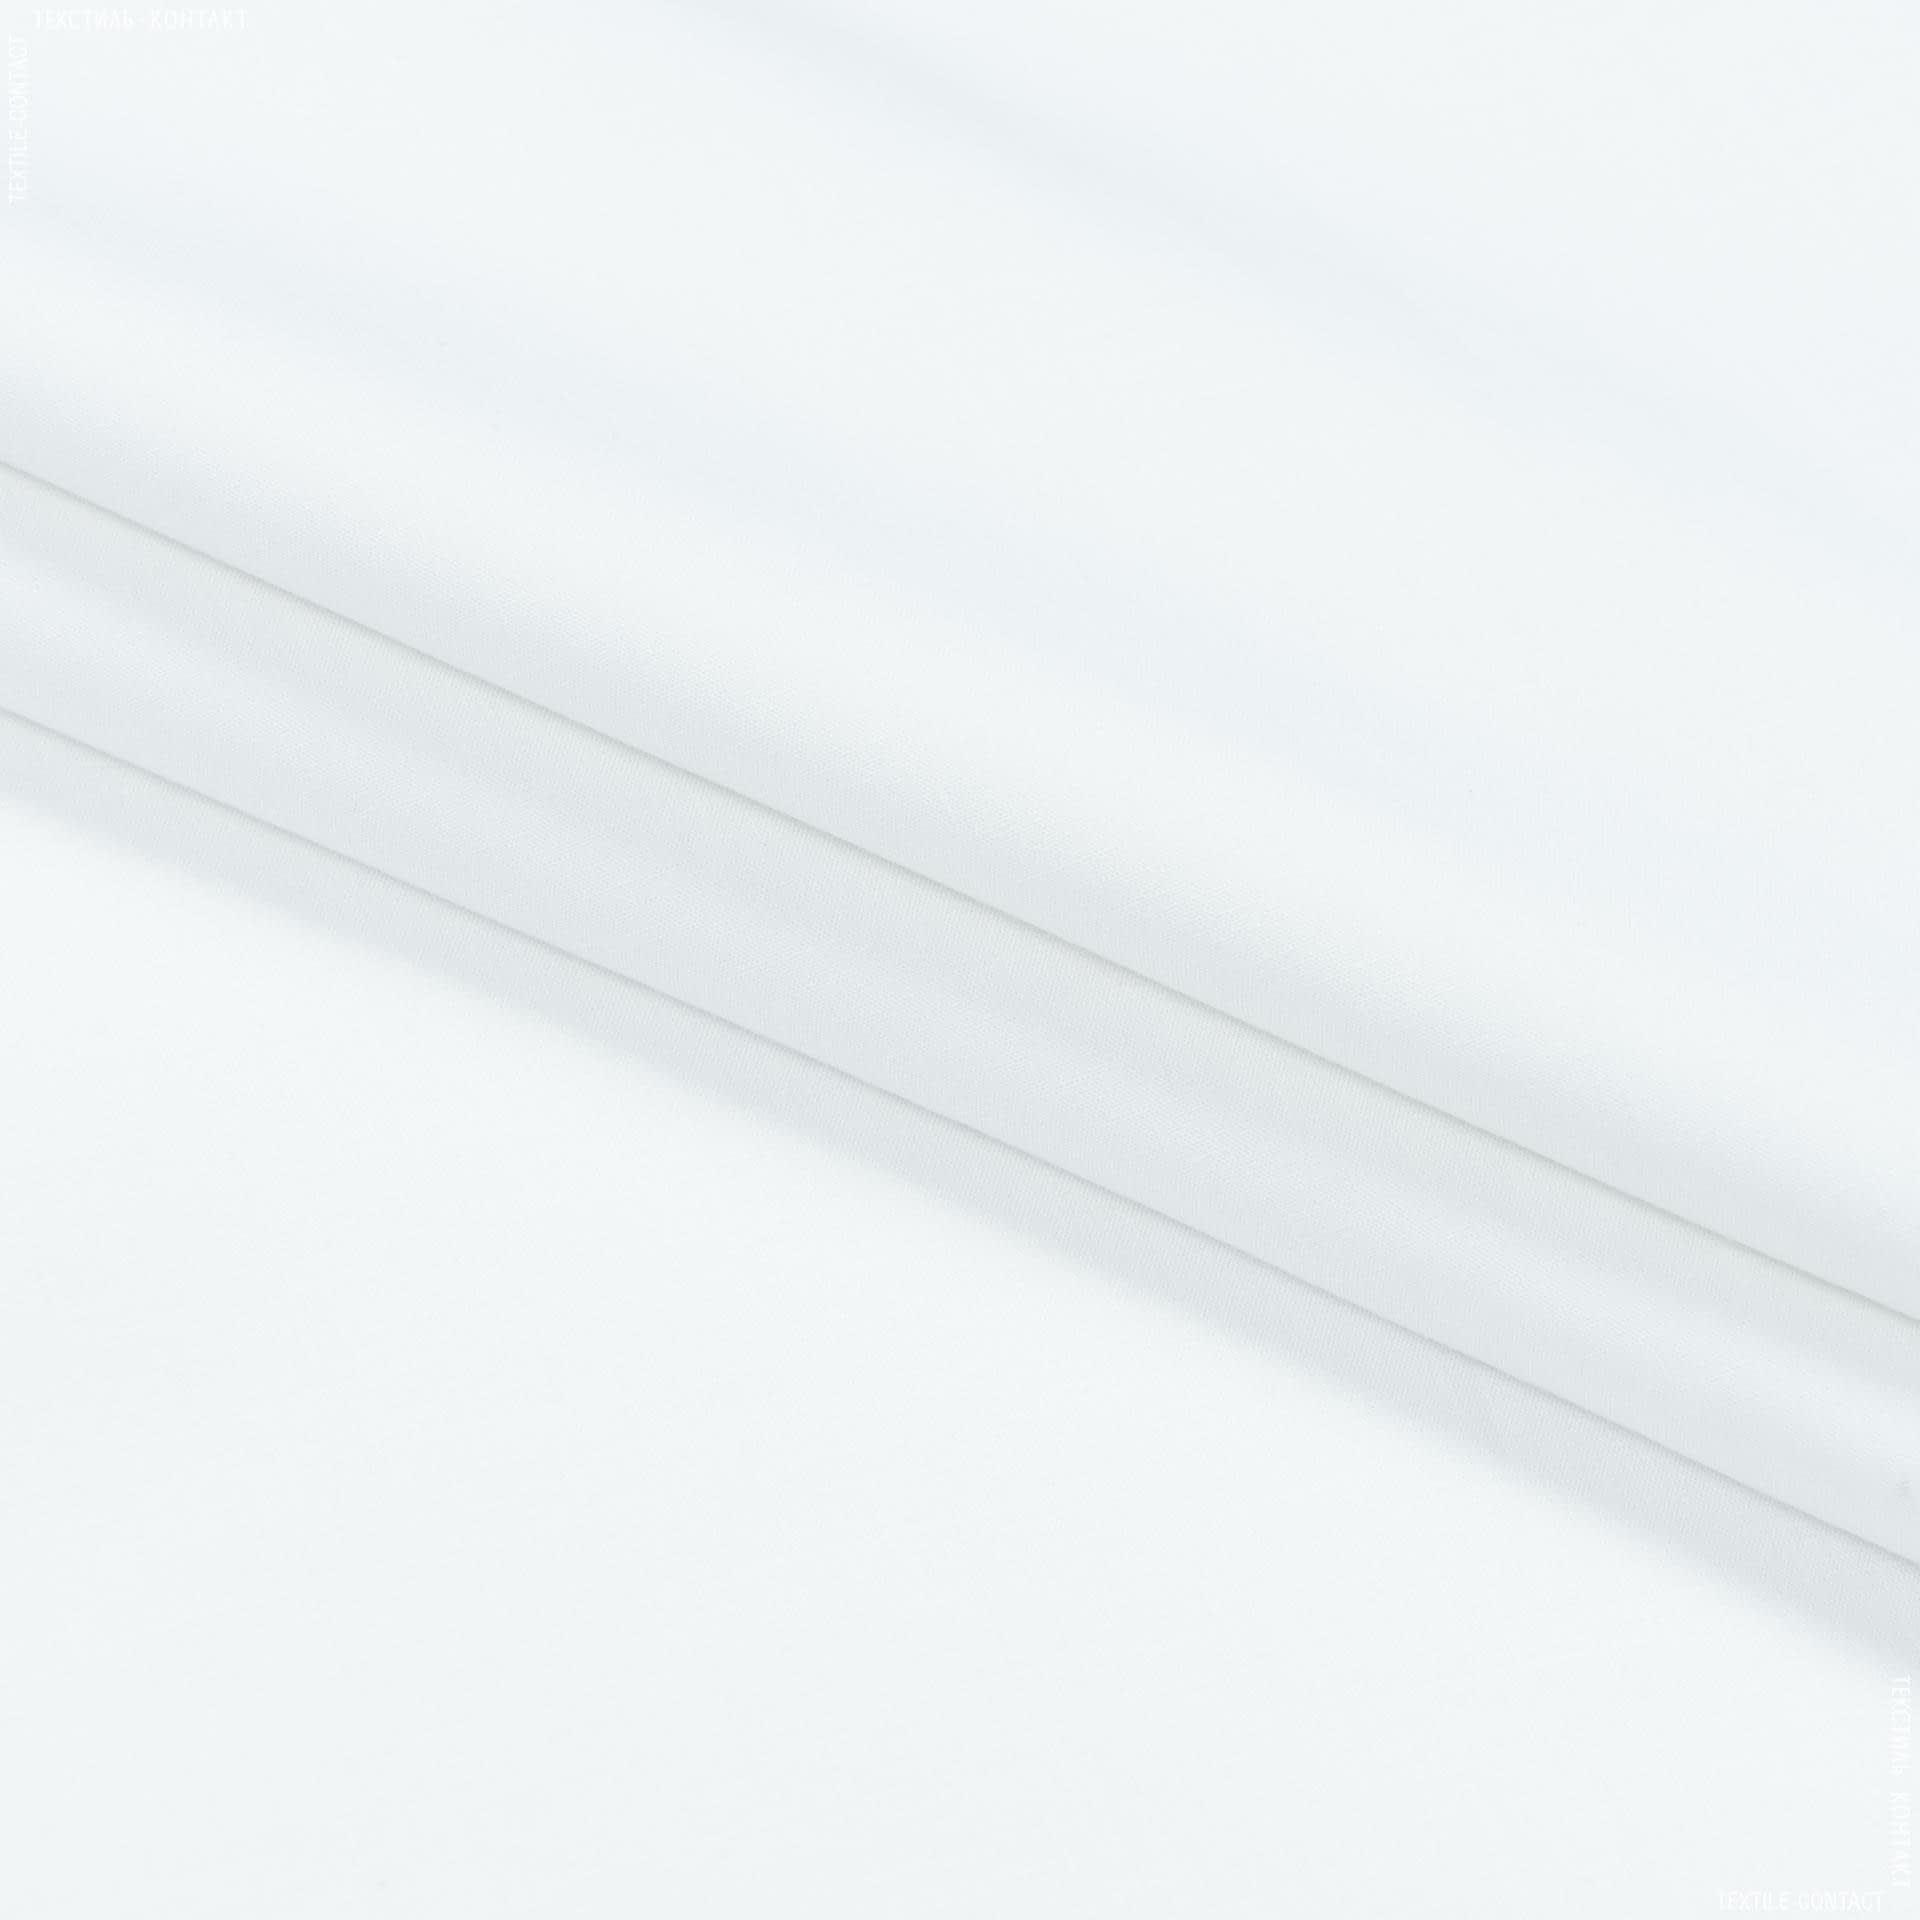 Ткани для платьев - Сорочечная leggiuno белый